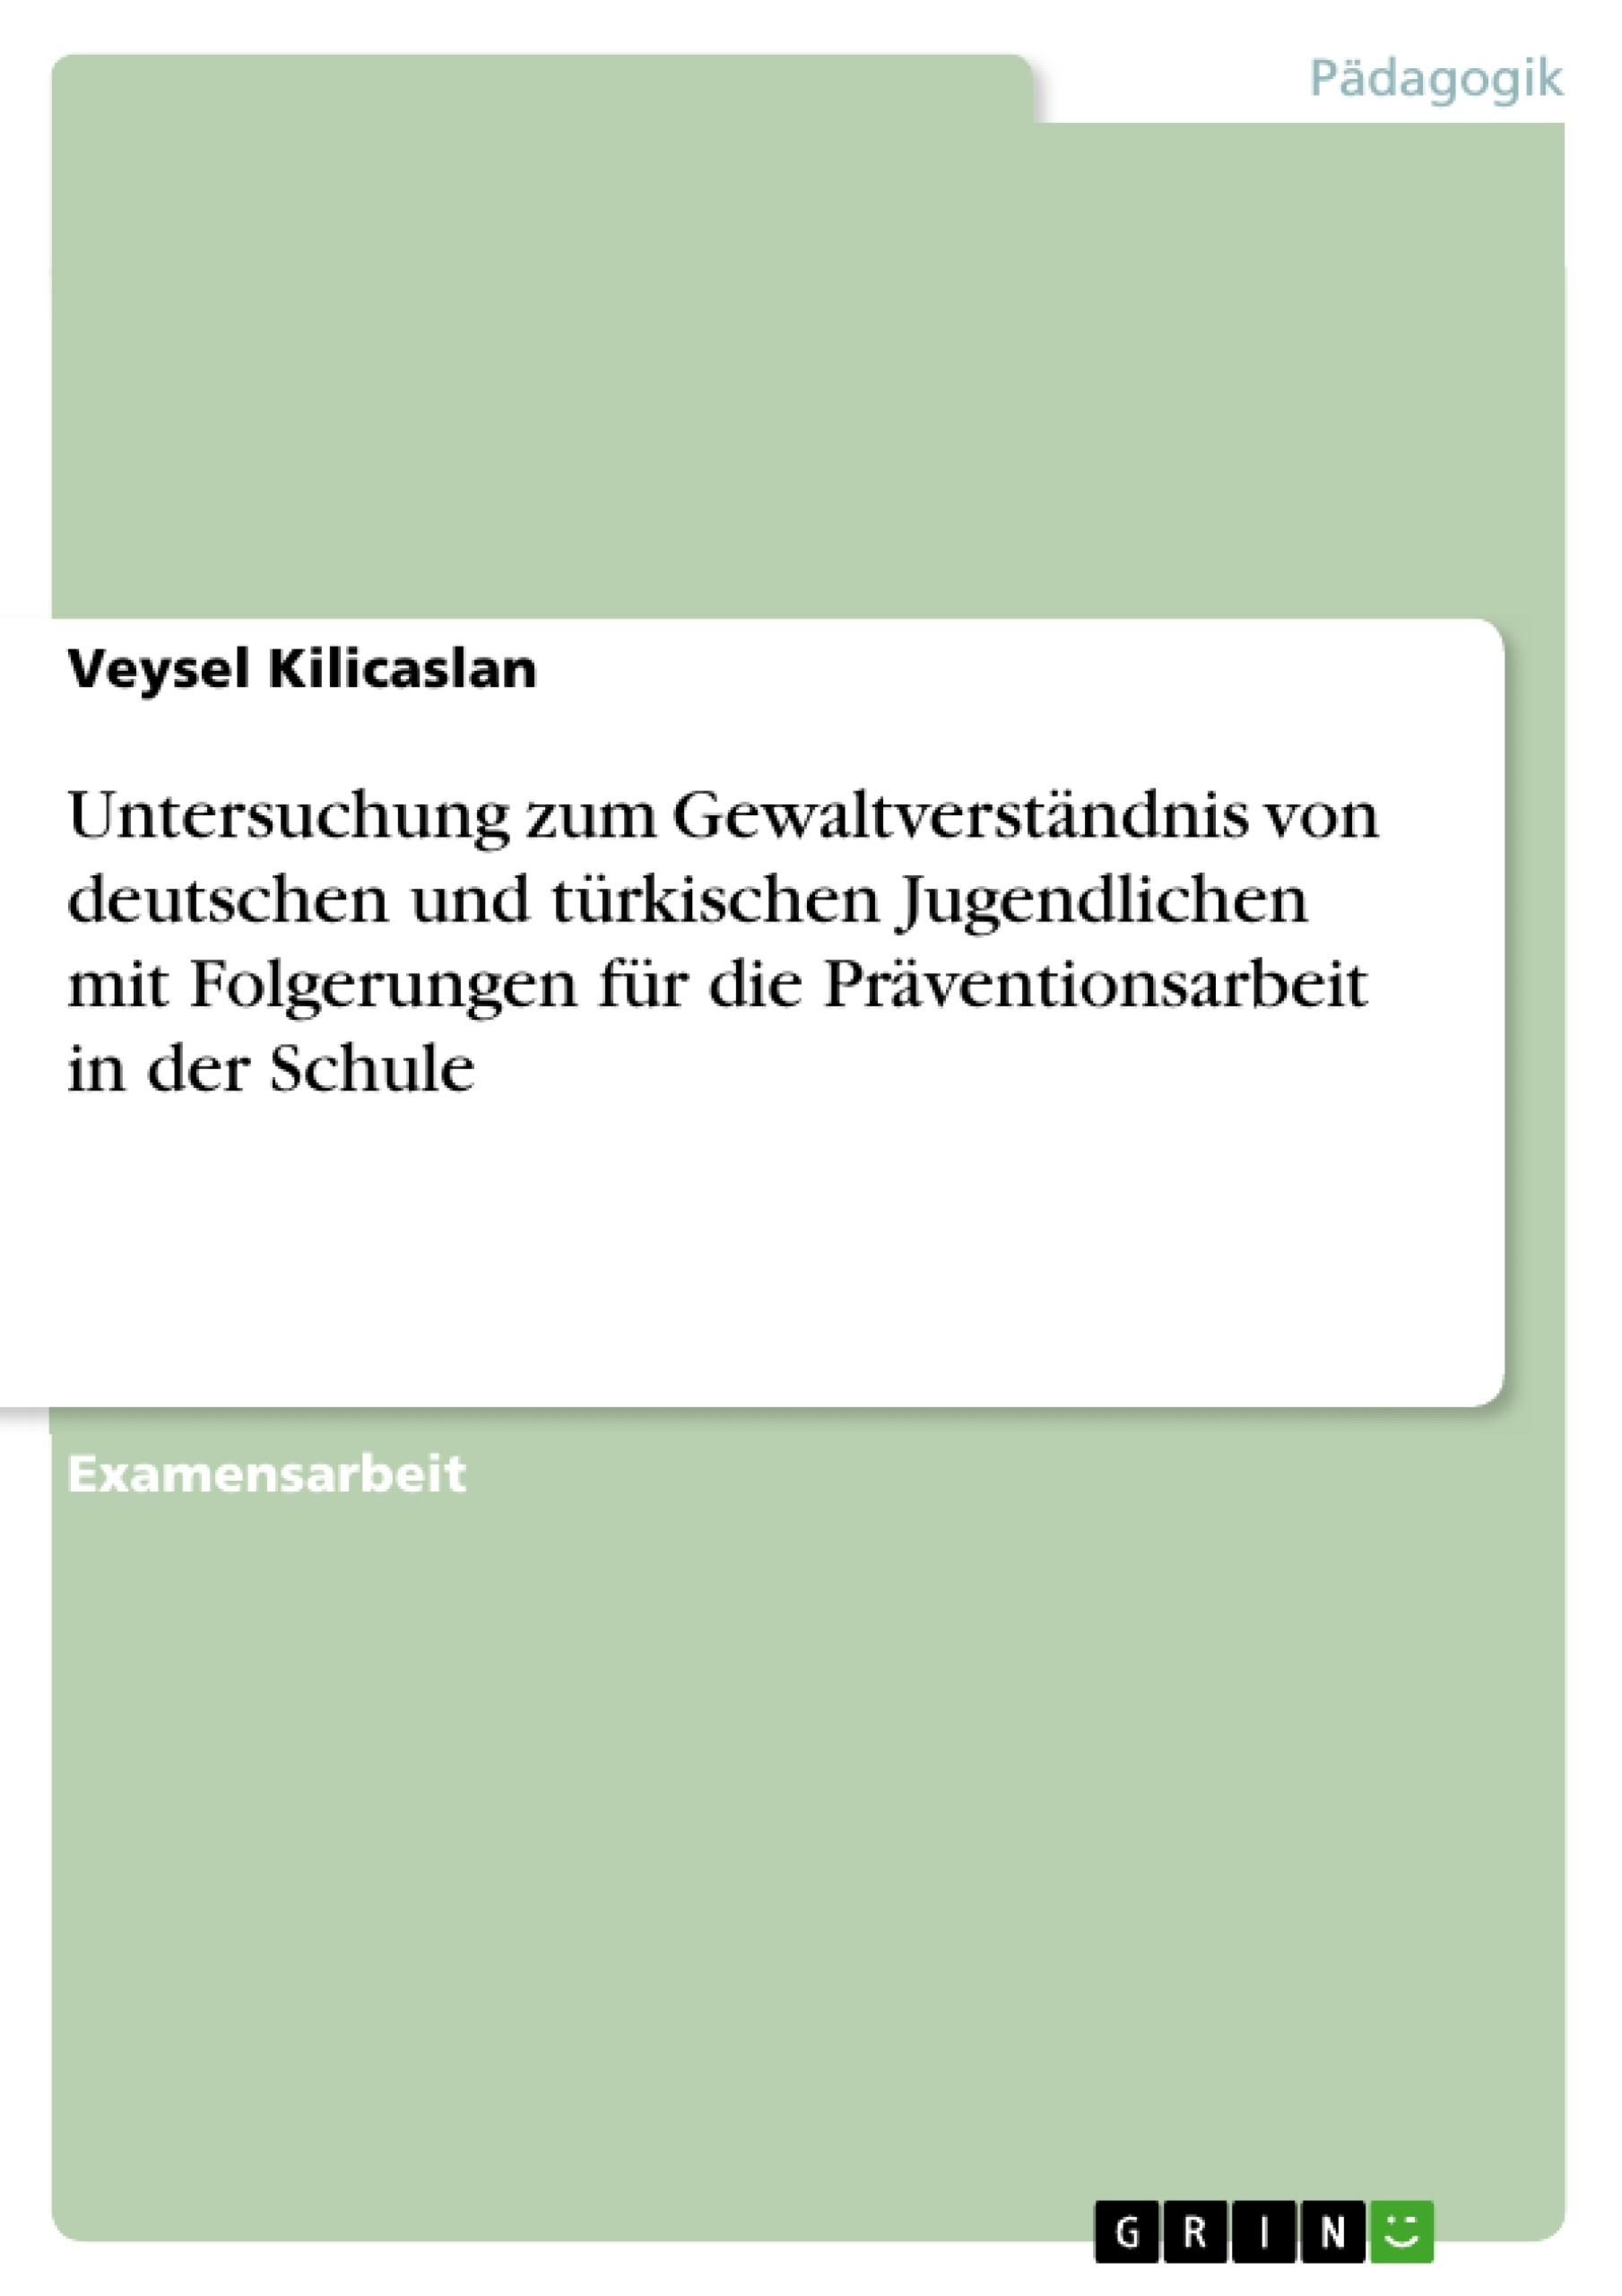 Titel: Untersuchung zum Gewaltverständnis von deutschen und türkischen Jugendlichen mit Folgerungen für die Präventionsarbeit in der Schule